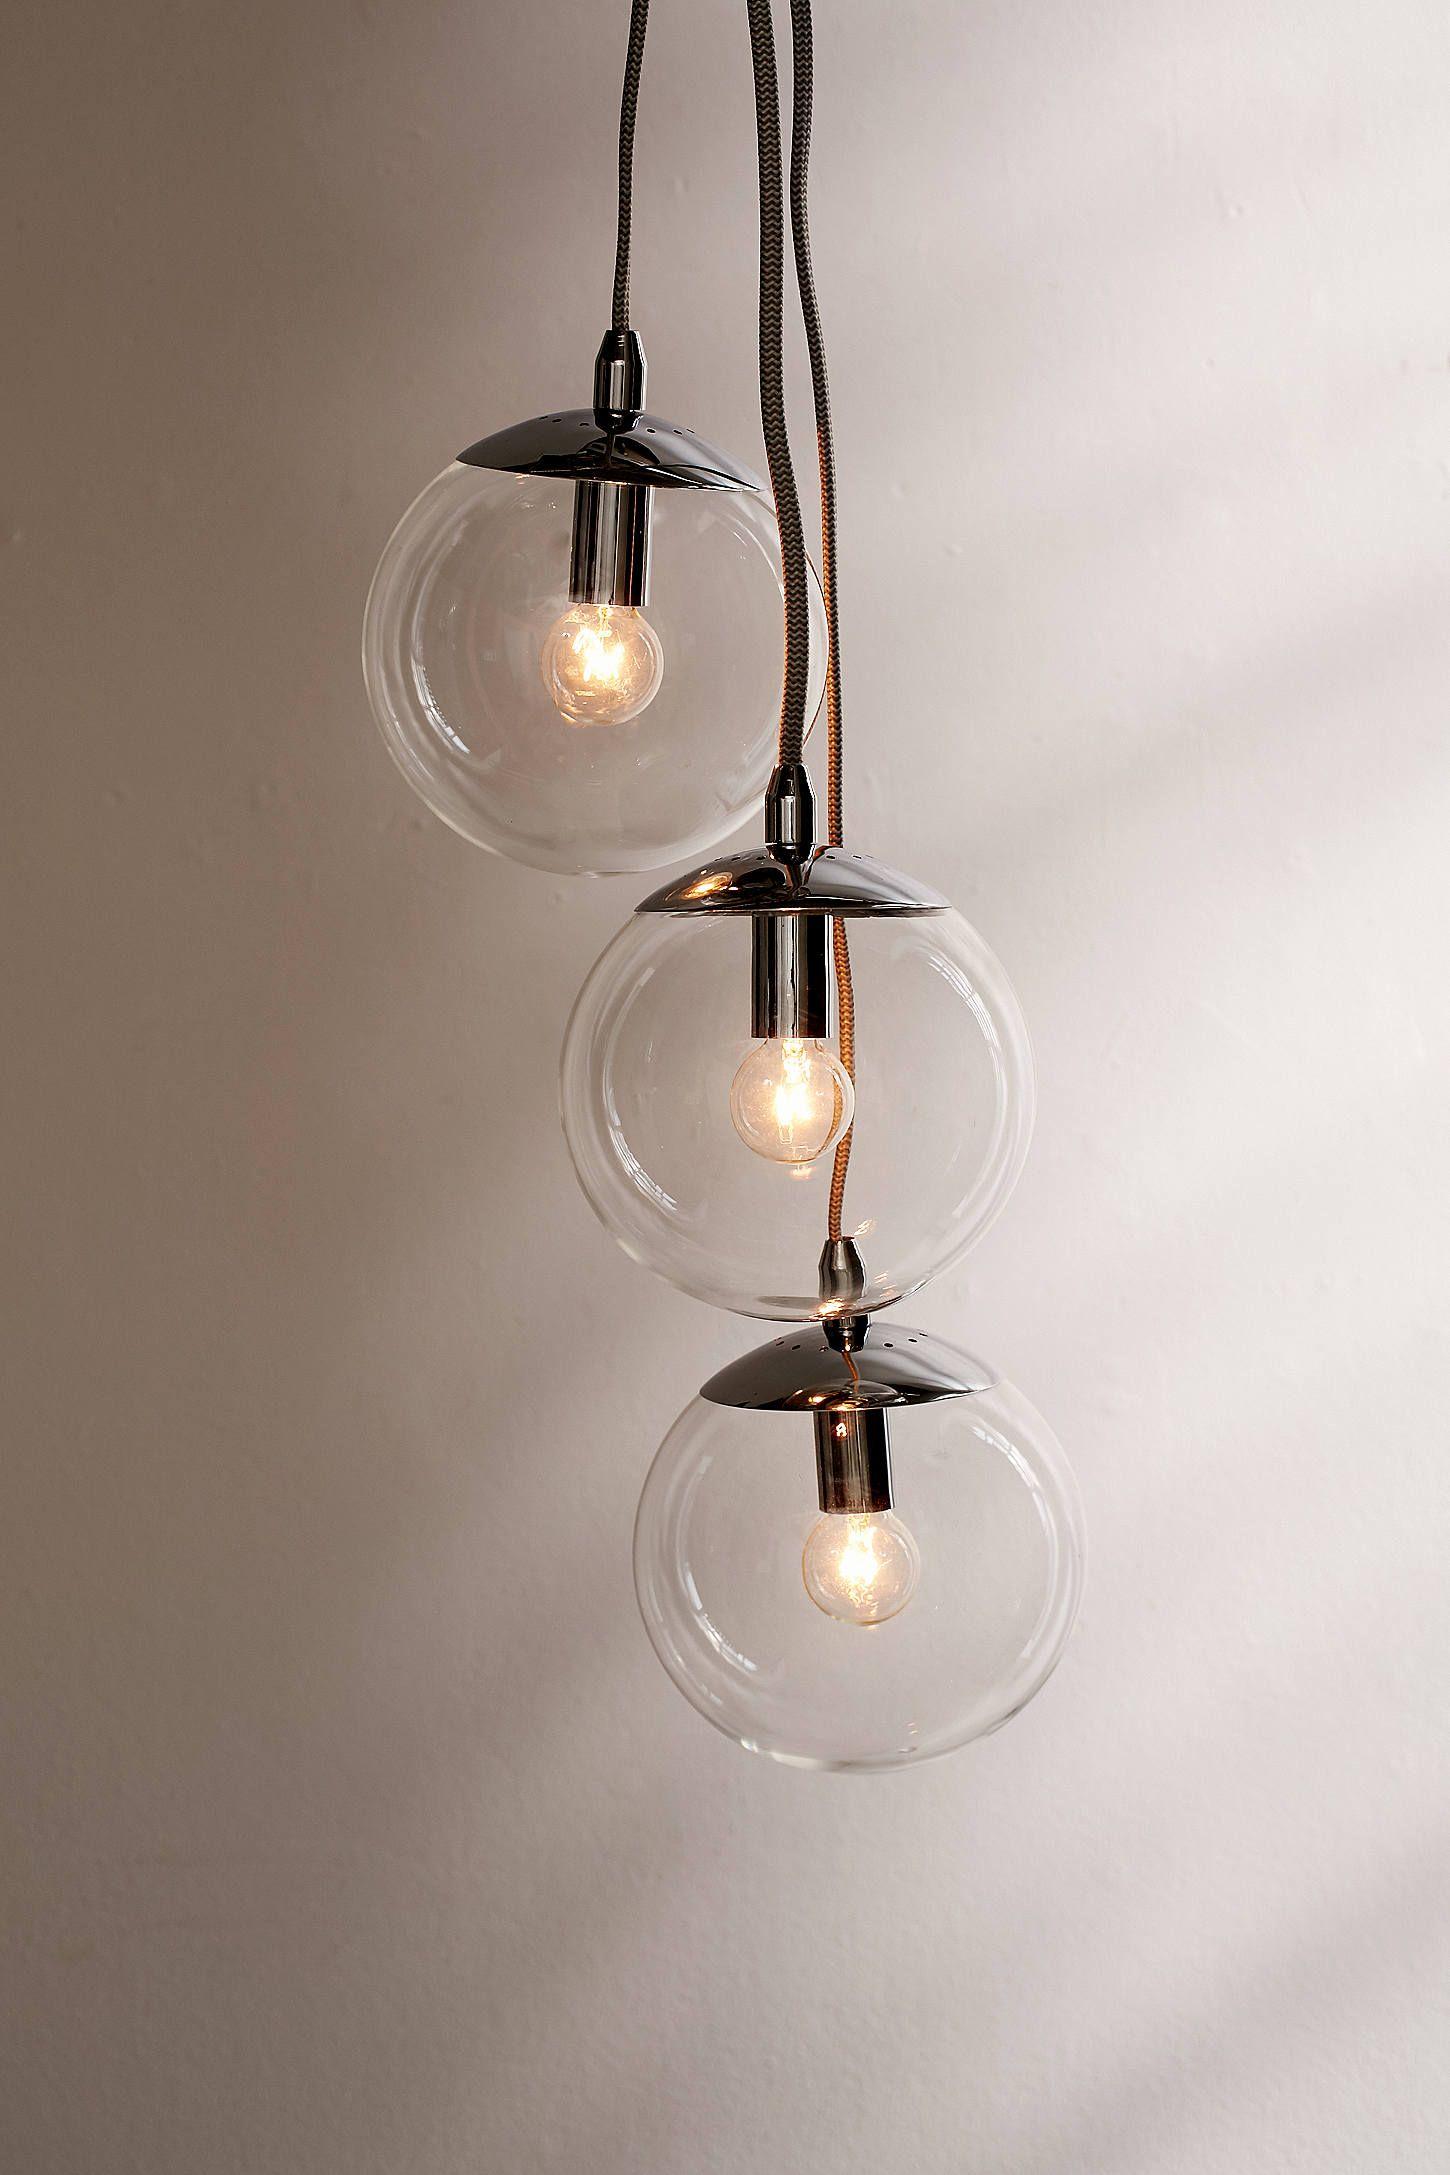 globe pendant lighting. Slide View: 1: Cluster Globe Pendant Light Lighting